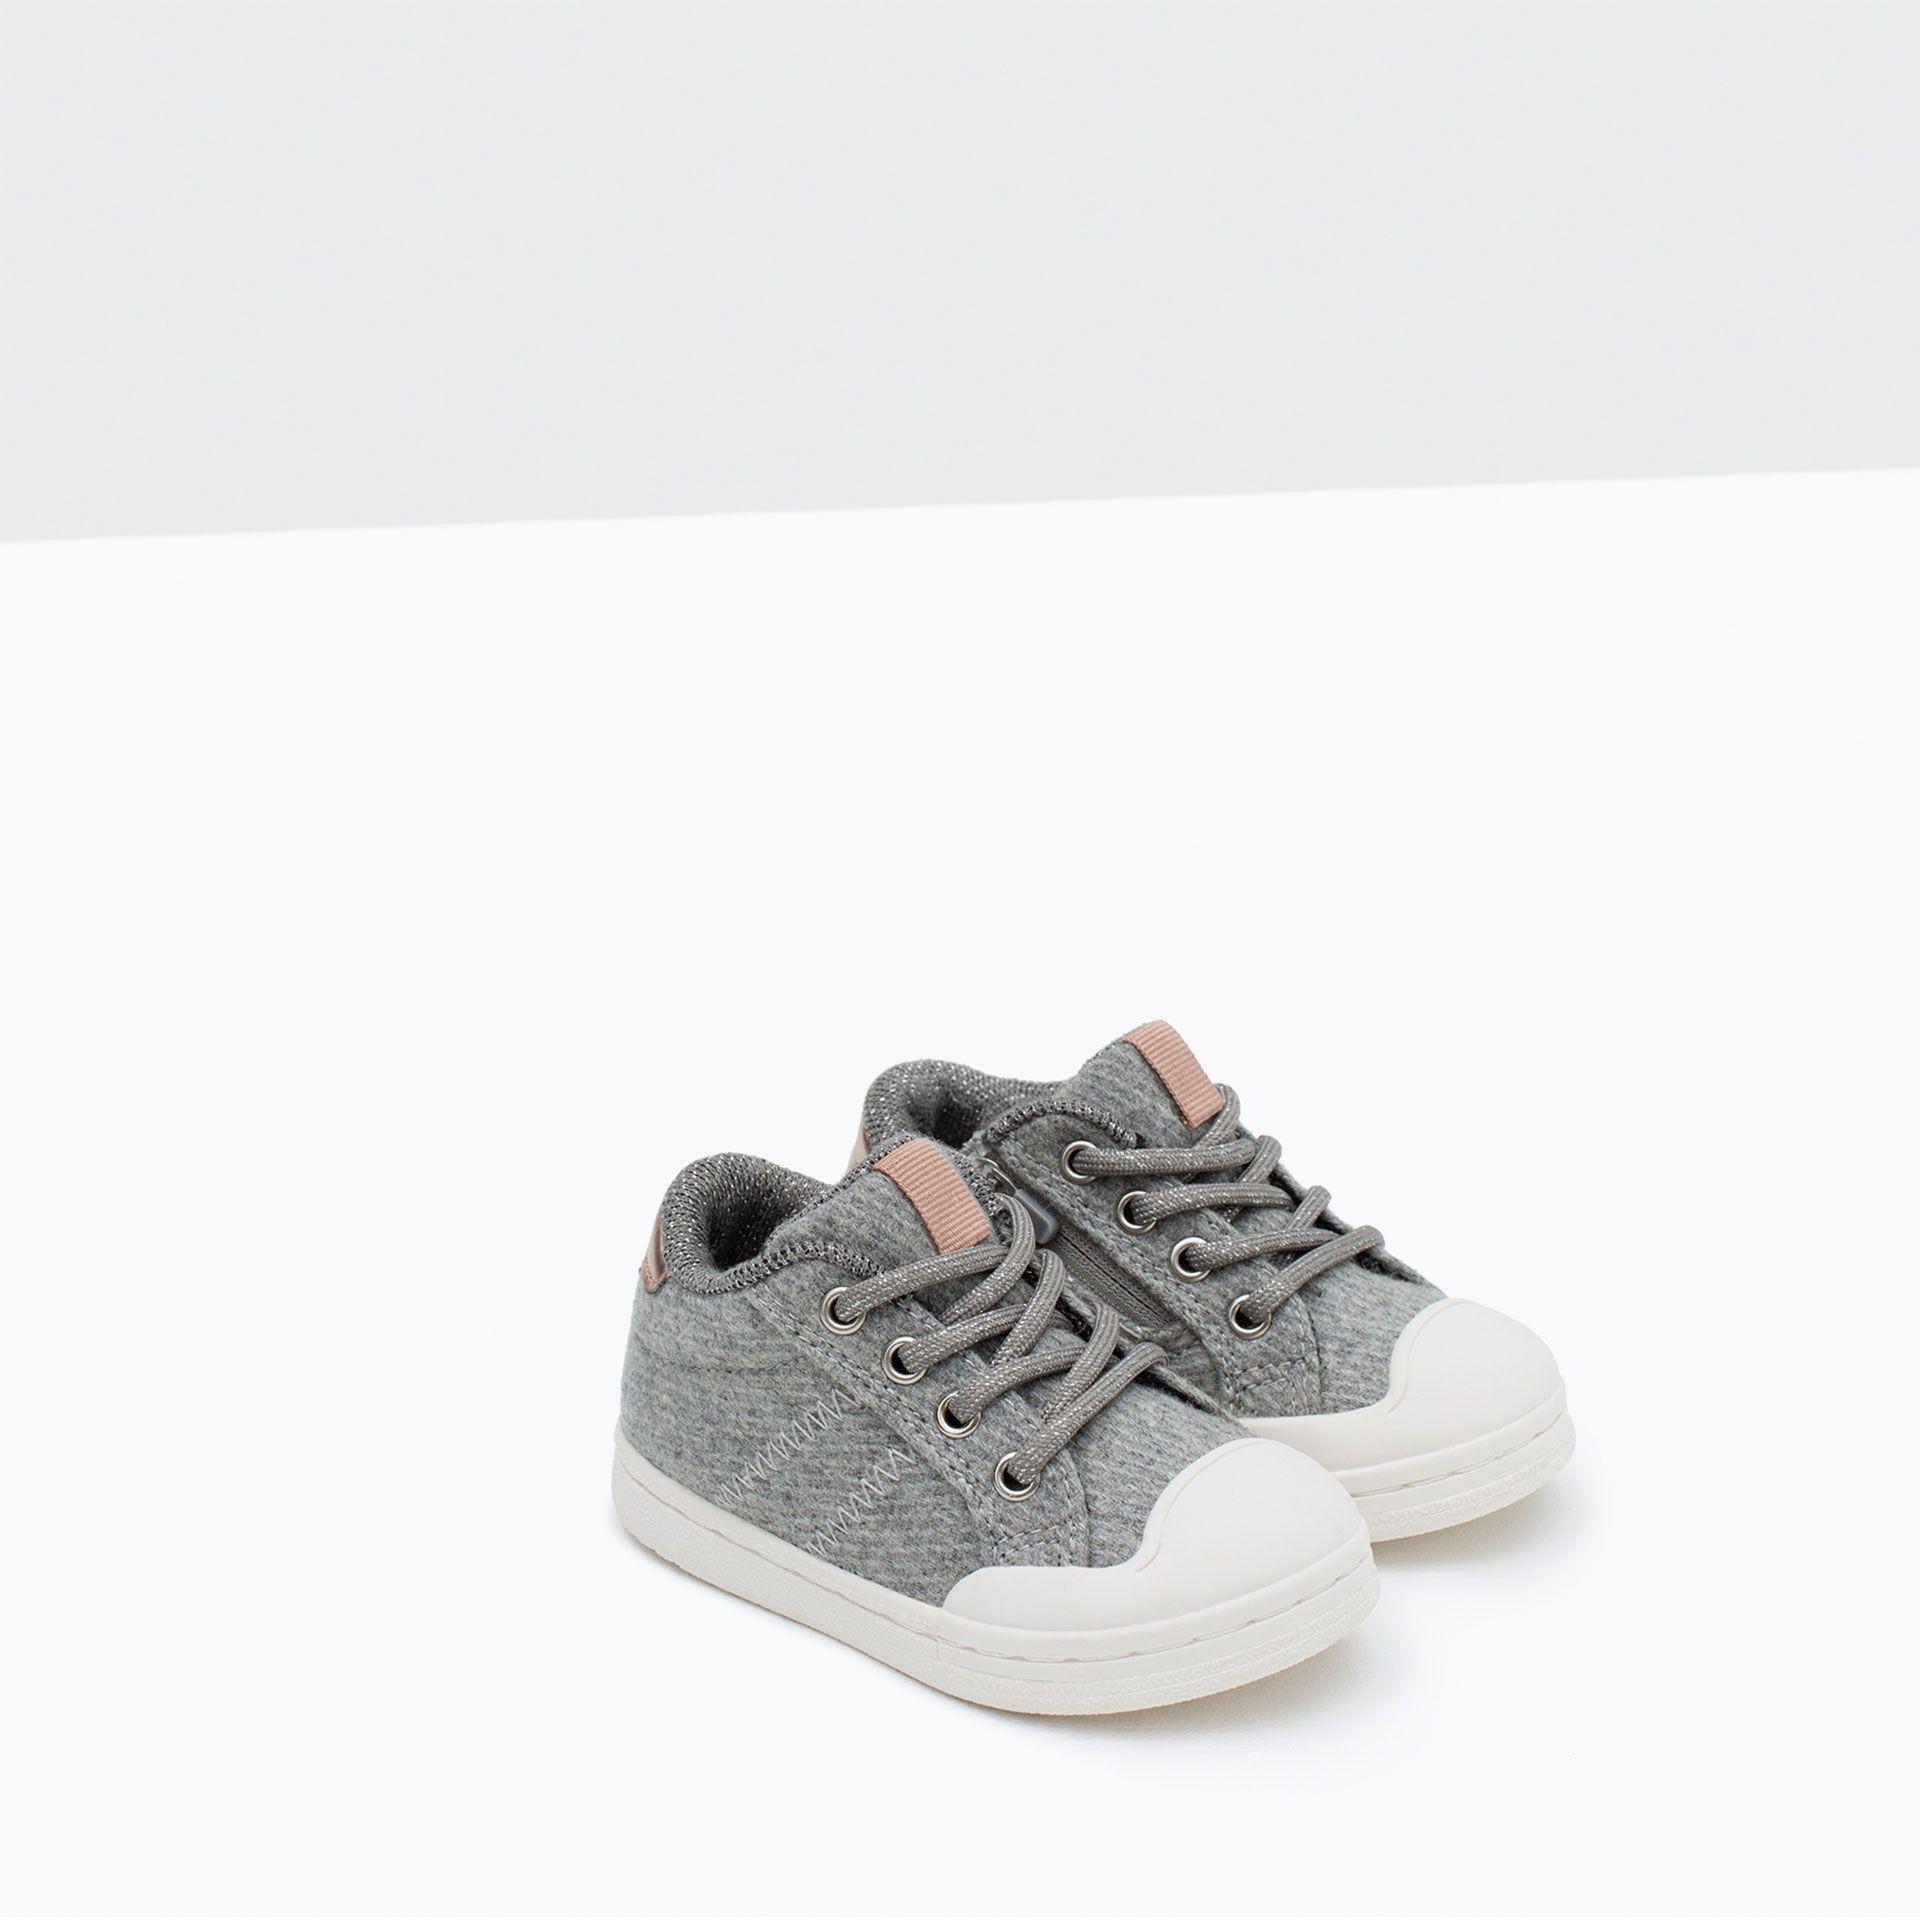 Tekstylne Tenisowki Z Ozdobnym Noskiem Buty Niemowle Dziewczynka 3 Miesiace 3 Lata Dzieci Sneakers Zara Baby Shoes